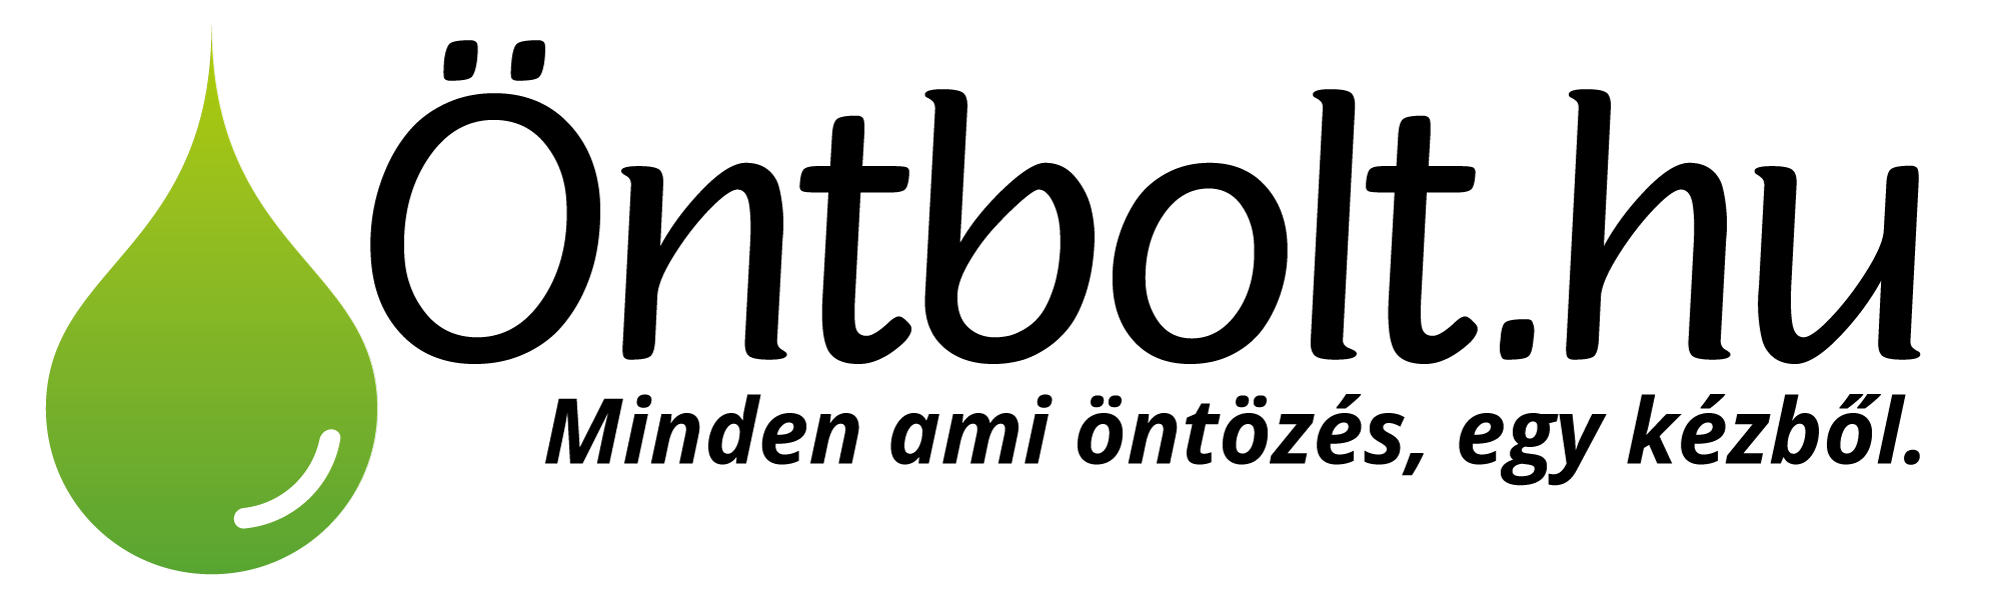 Öntbolt.hu logó